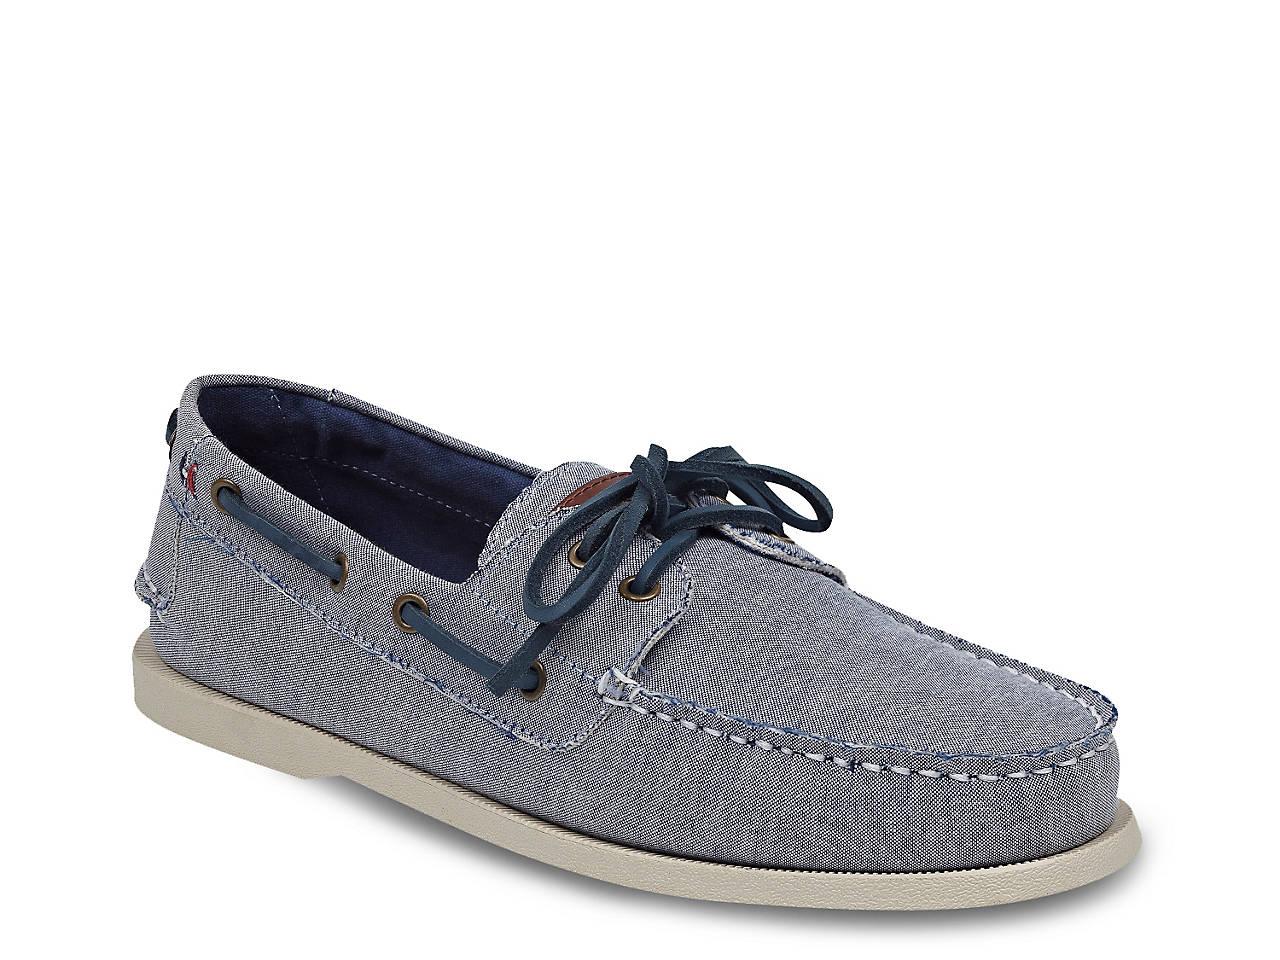 b690a4a3f Tommy Hilfiger Bowman 5 Boat Shoe Men's Shoes | DSW